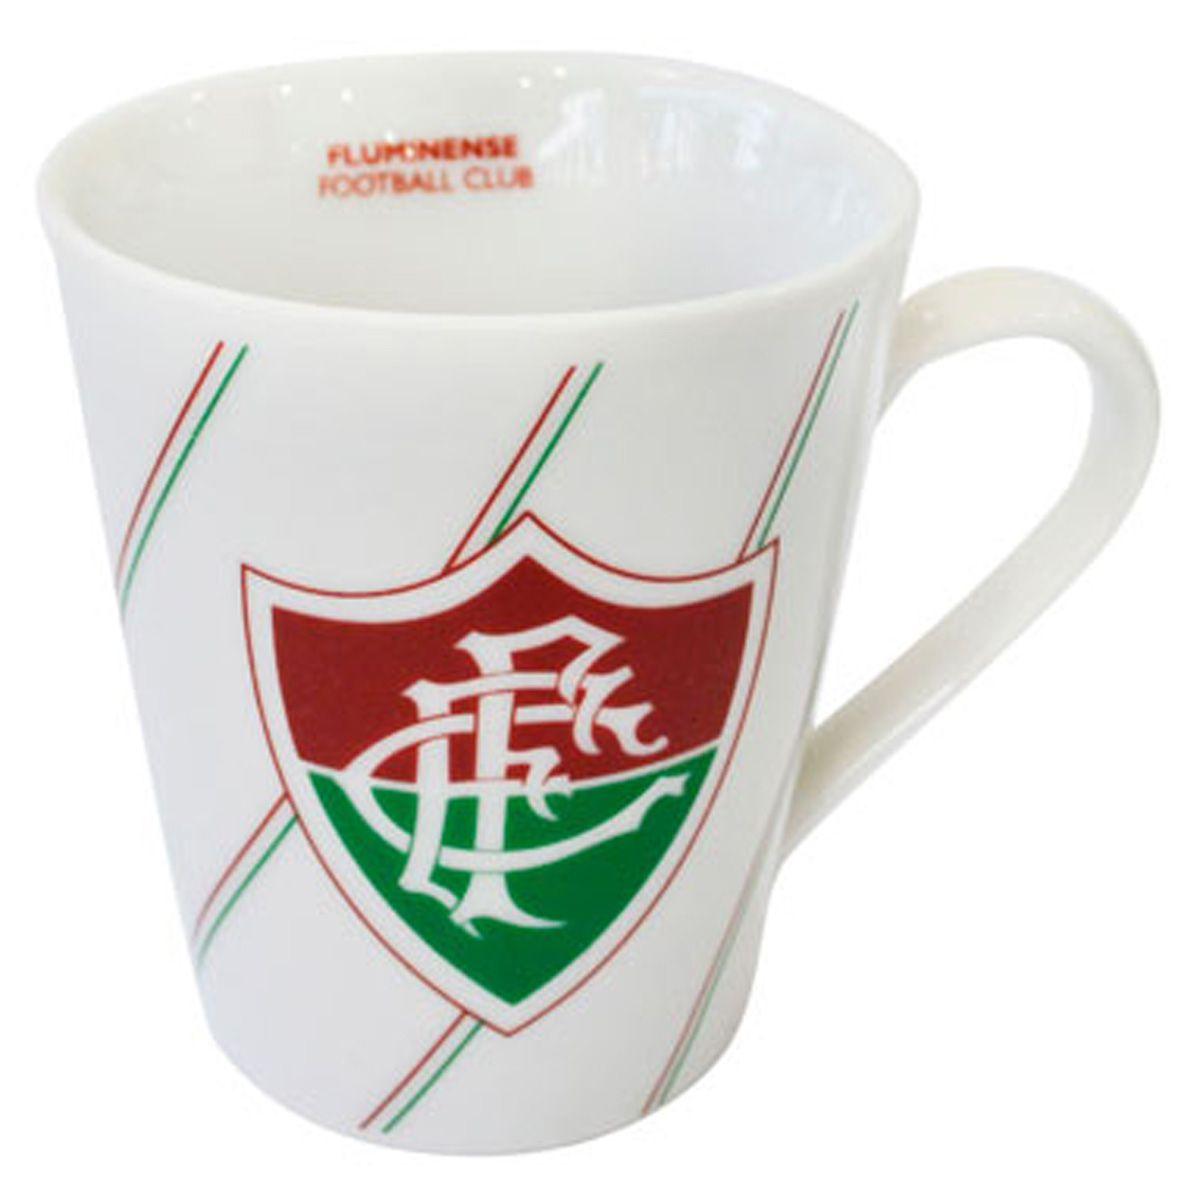 Caneca de Porcelana na Lata do Fluminense - 220350